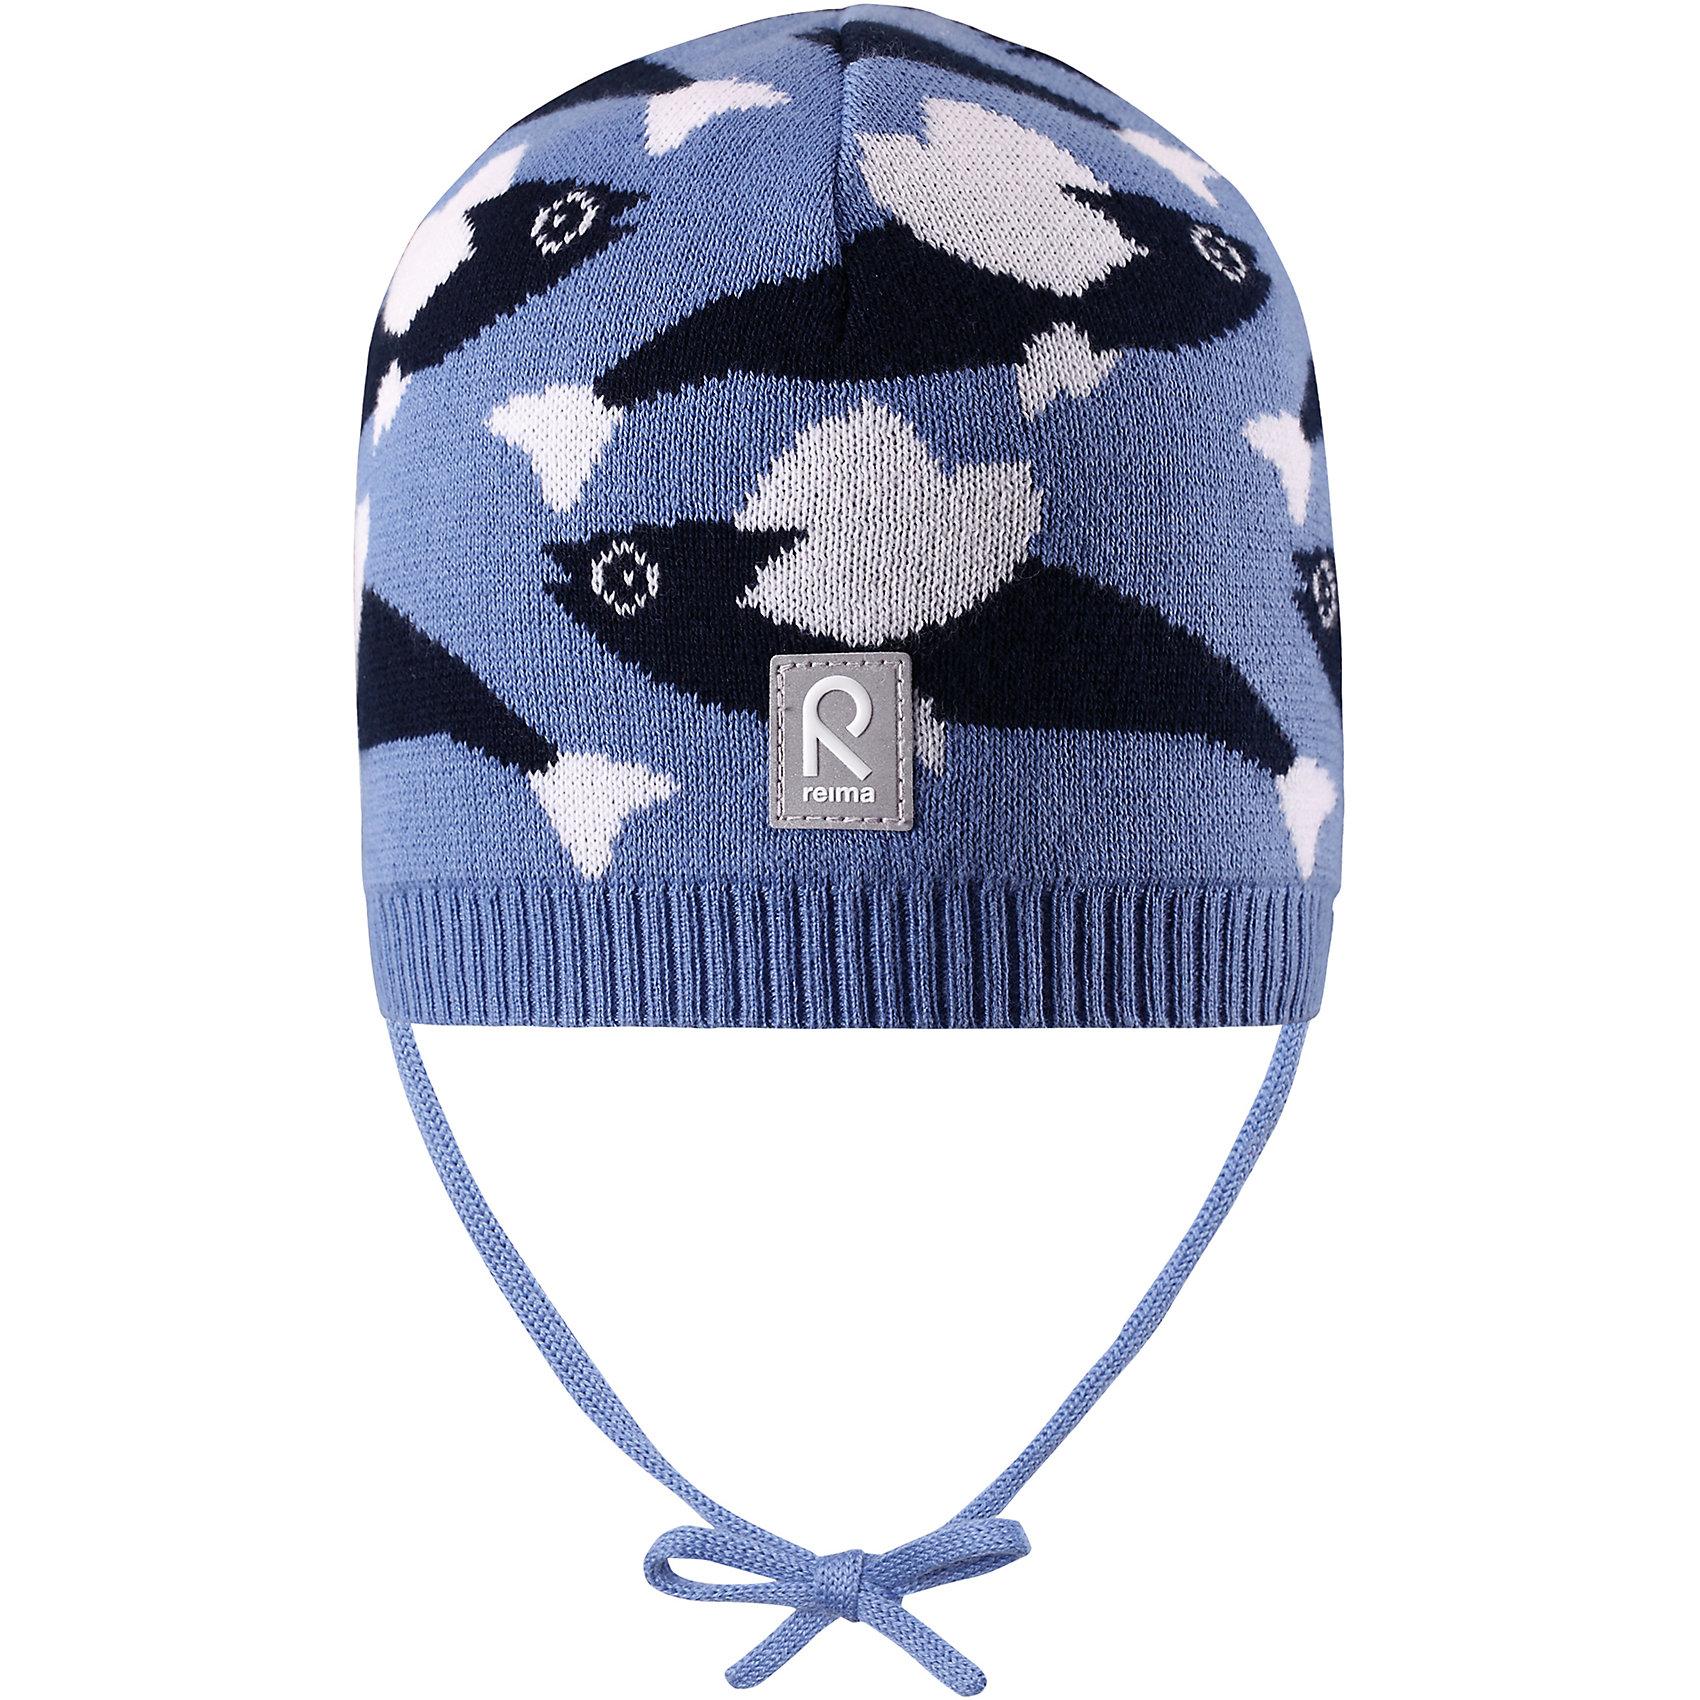 Шапка Harjus для мальчика ReimaШапки и шарфы<br>Характеристики товара:<br><br>• цвет: голубой<br>• состав: 100% хлопок<br>• облегчённая модель без подкладки<br>• температурный режим: от +10С<br>• эластичный хлопковый трикотаж<br>• изделие сертифицированно по стандарту Oeko-Tex на продукцию класса 1 - одежда для новорождённых<br>• завязки во всех размерах<br>• эмблема Reima сзади<br>• сплошная жаккардовая узорная вязка<br>• страна бренда: Финляндия<br>• страна производства: Китай<br><br>Детский головной убор может быть модным и удобным одновременно! Стильная шапка поможет обеспечить ребенку комфорт и дополнить наряд.Шапка удобно сидит и аккуратно выглядит. Проста в уходе, долго служит. Стильный дизайн разрабатывался специально для детей. Отличная защита от дождя и ветра!<br><br>Уход:<br><br>• стирать по отдельности, вывернув наизнанку<br>• придать первоначальную форму вo влажном виде<br>• возможна усадка 5 %.<br><br>Шапку для мальчика от финского бренда Reima (Рейма) можно купить в нашем интернет-магазине.<br><br>Ширина мм: 89<br>Глубина мм: 117<br>Высота мм: 44<br>Вес г: 155<br>Цвет: синий<br>Возраст от месяцев: 6<br>Возраст до месяцев: 9<br>Пол: Мужской<br>Возраст: Детский<br>Размер: 46,52,50,48<br>SKU: 5270941